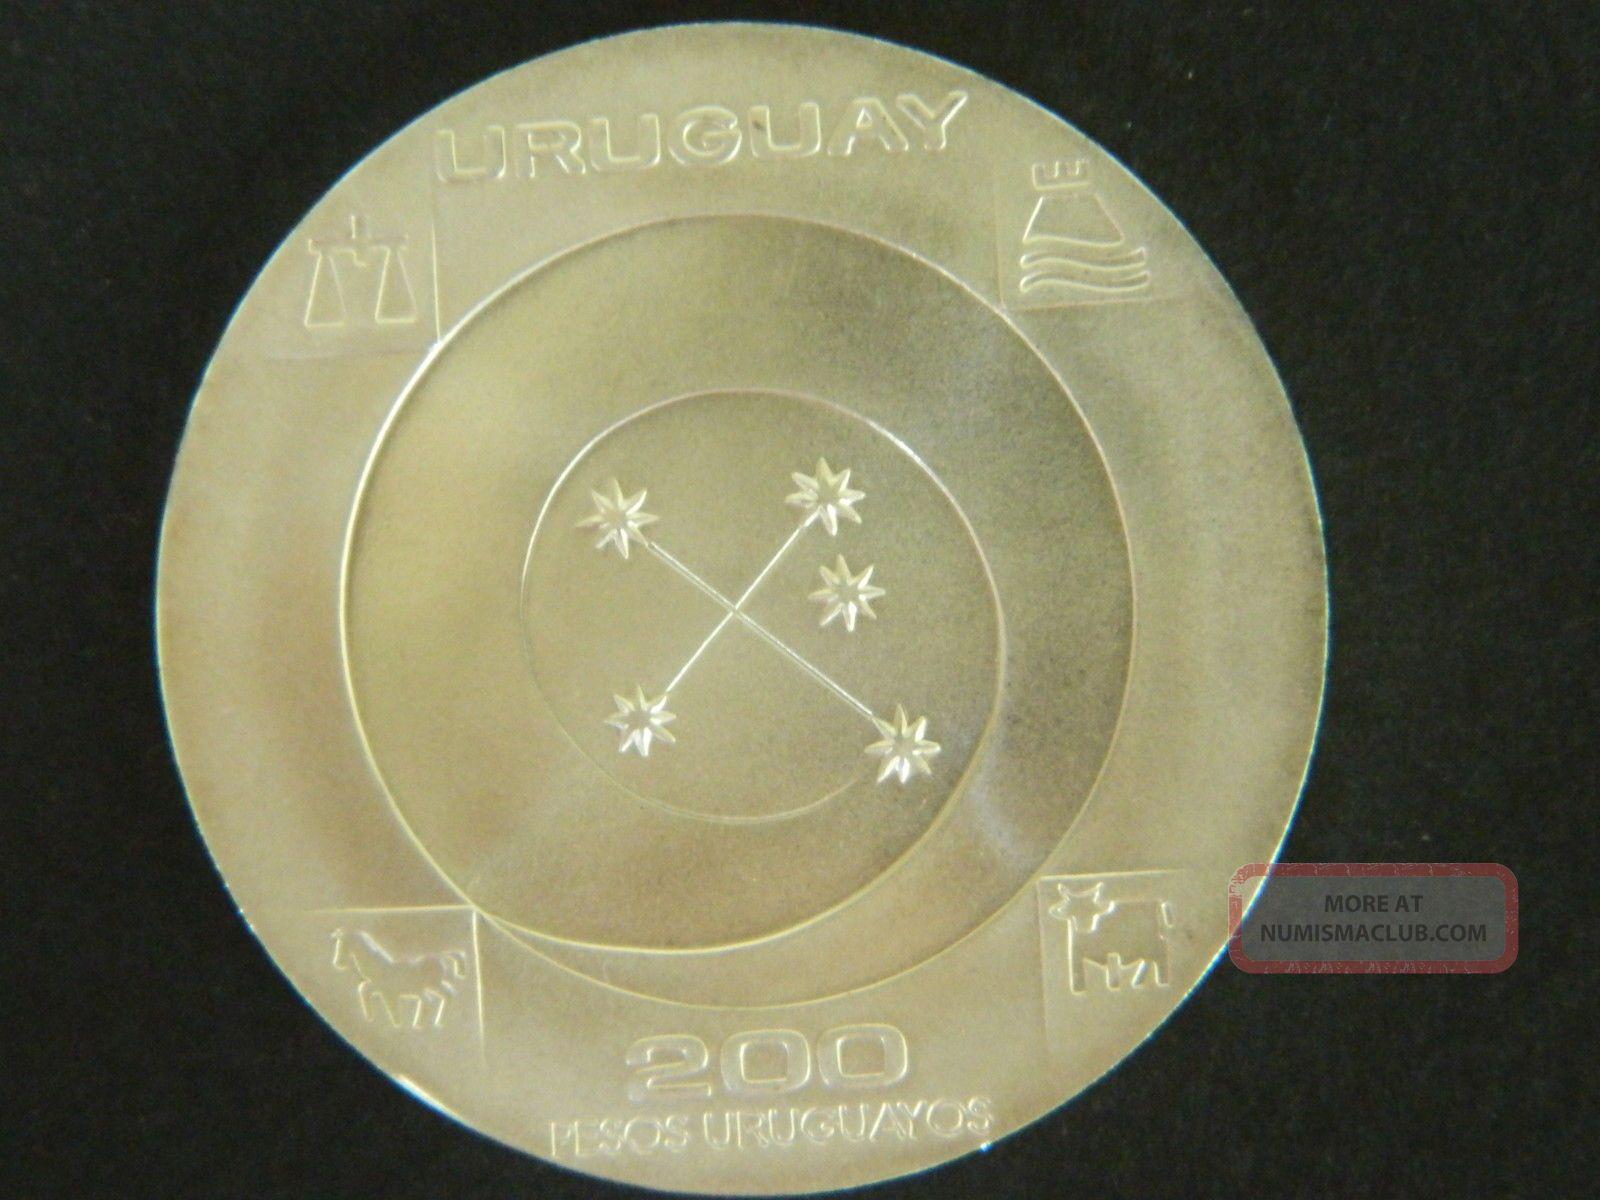 Uruguay 1999 Silver,  200 Pesos Coin.  Unc.  Real Photos South America photo